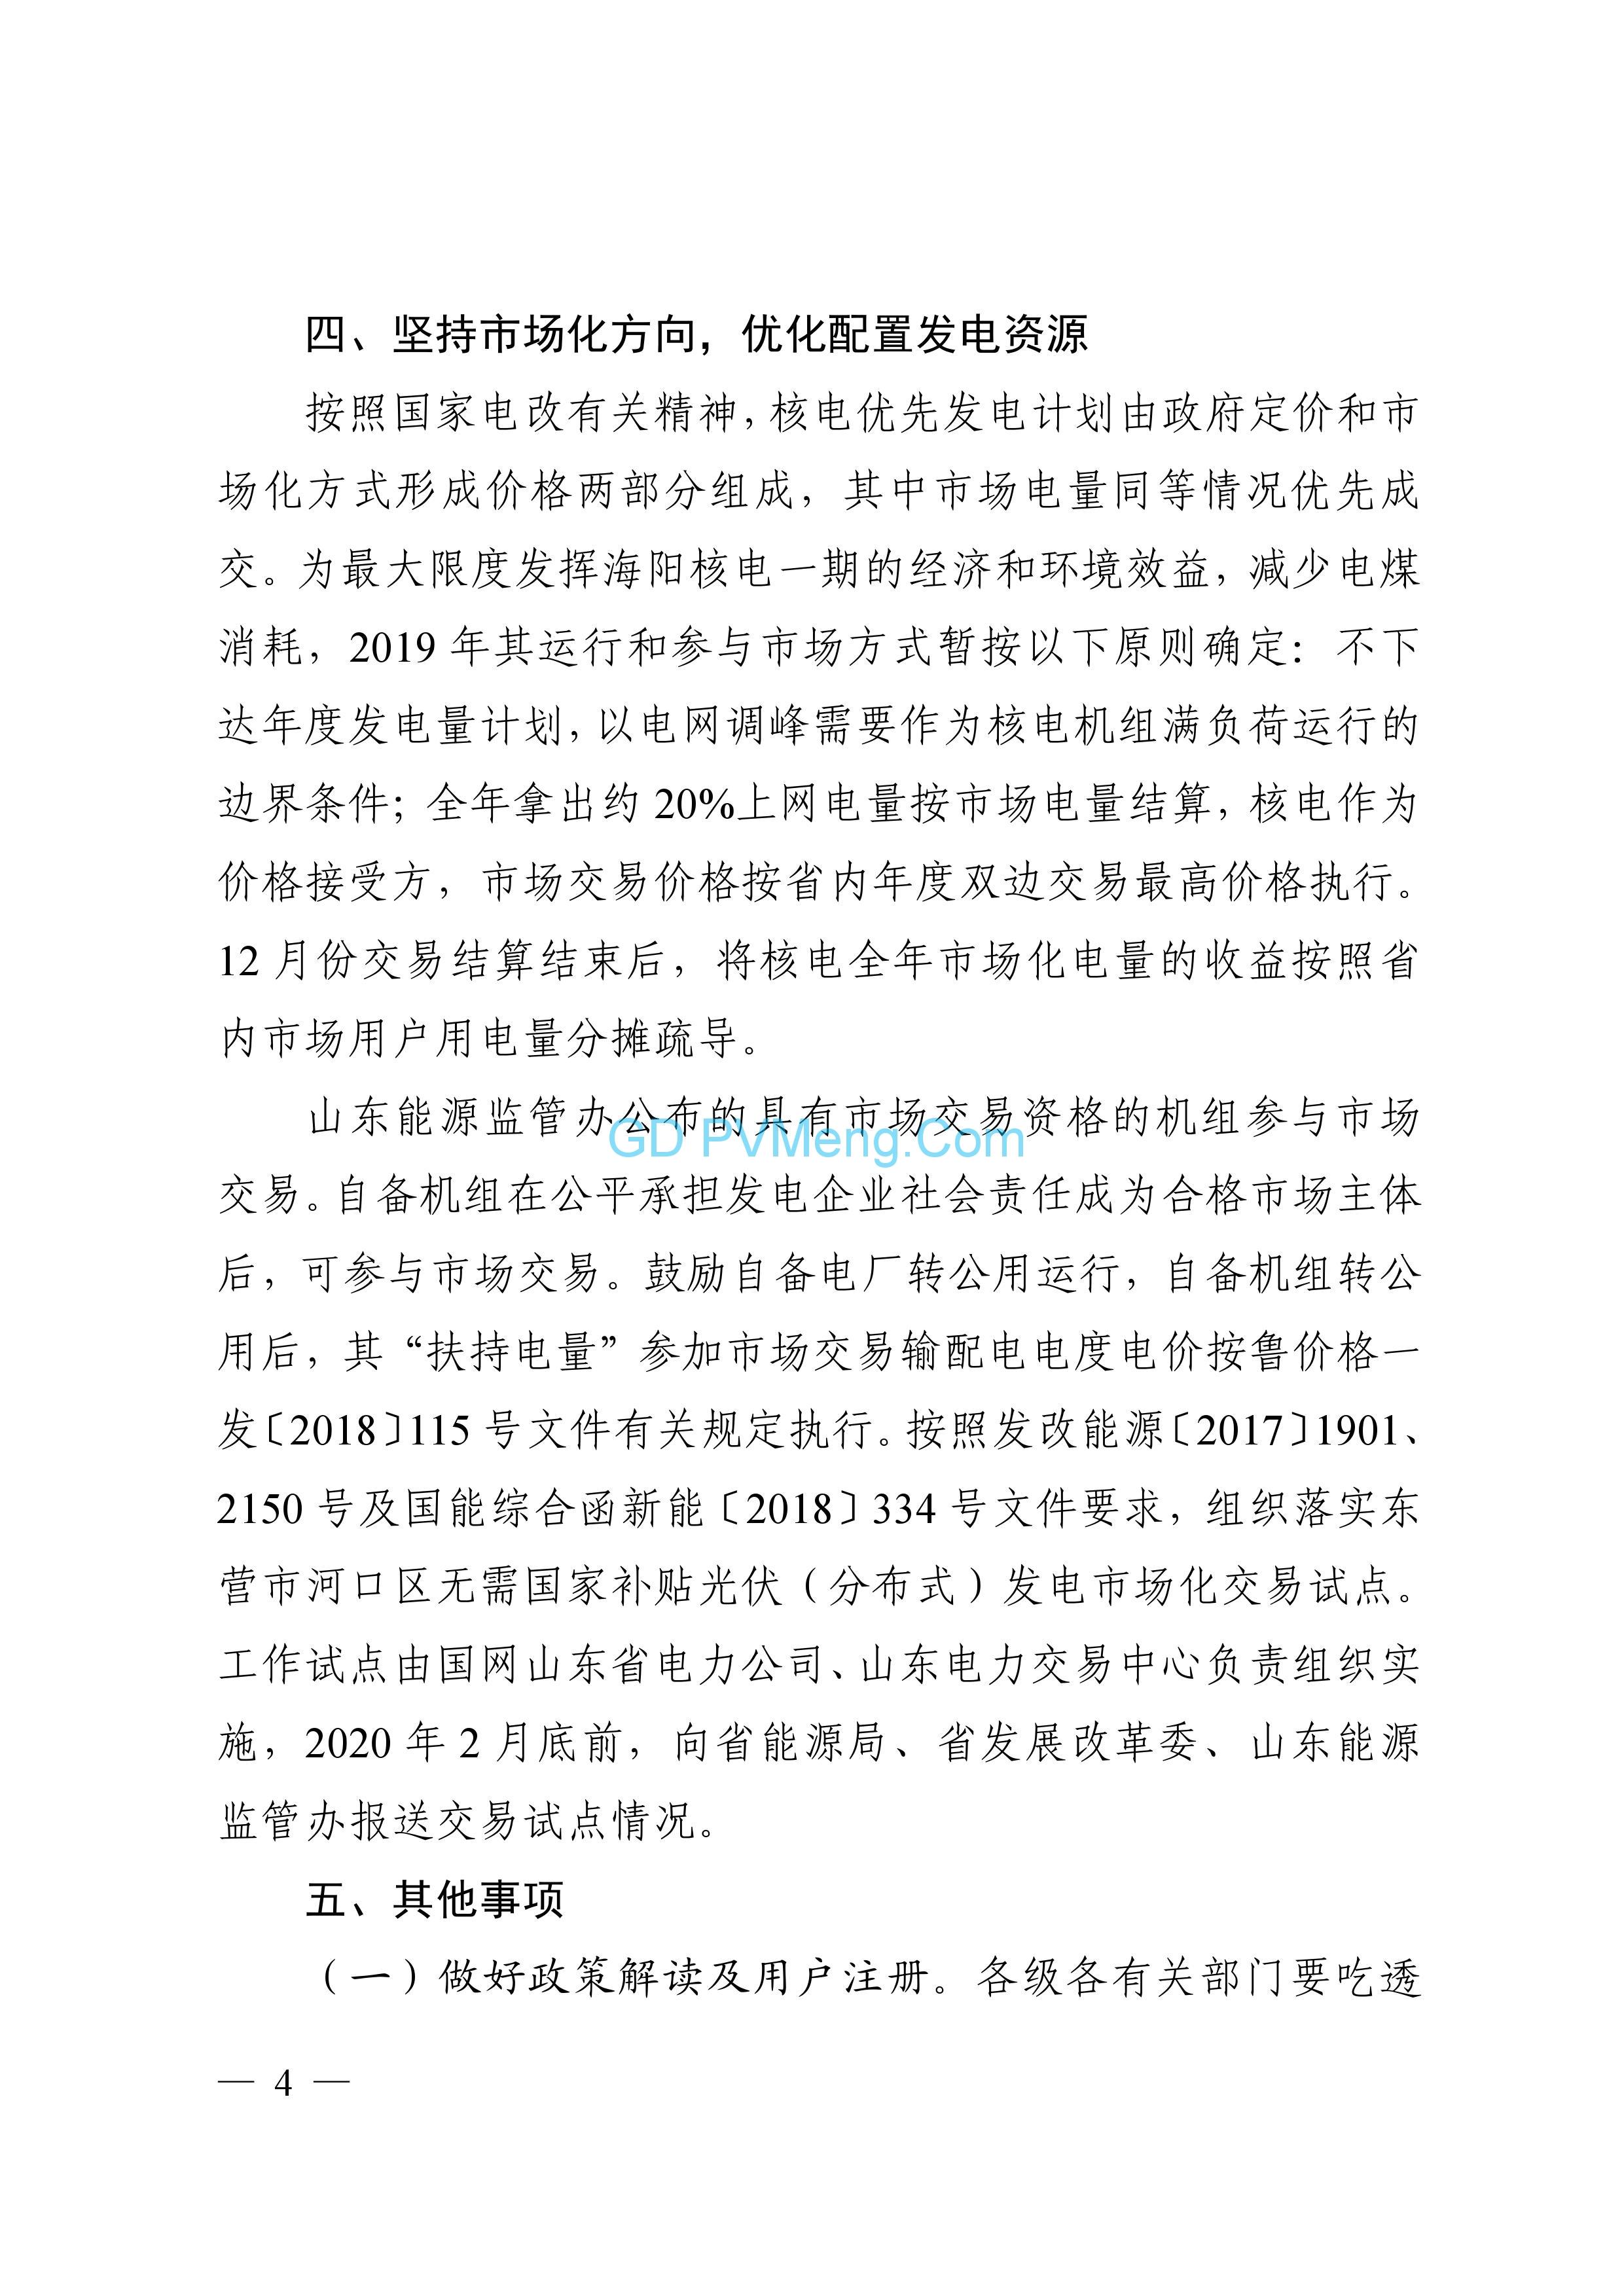 山东省关于2019年电力市场交易工作安排的通知(鲁能源字〔2018〕36号)20181214